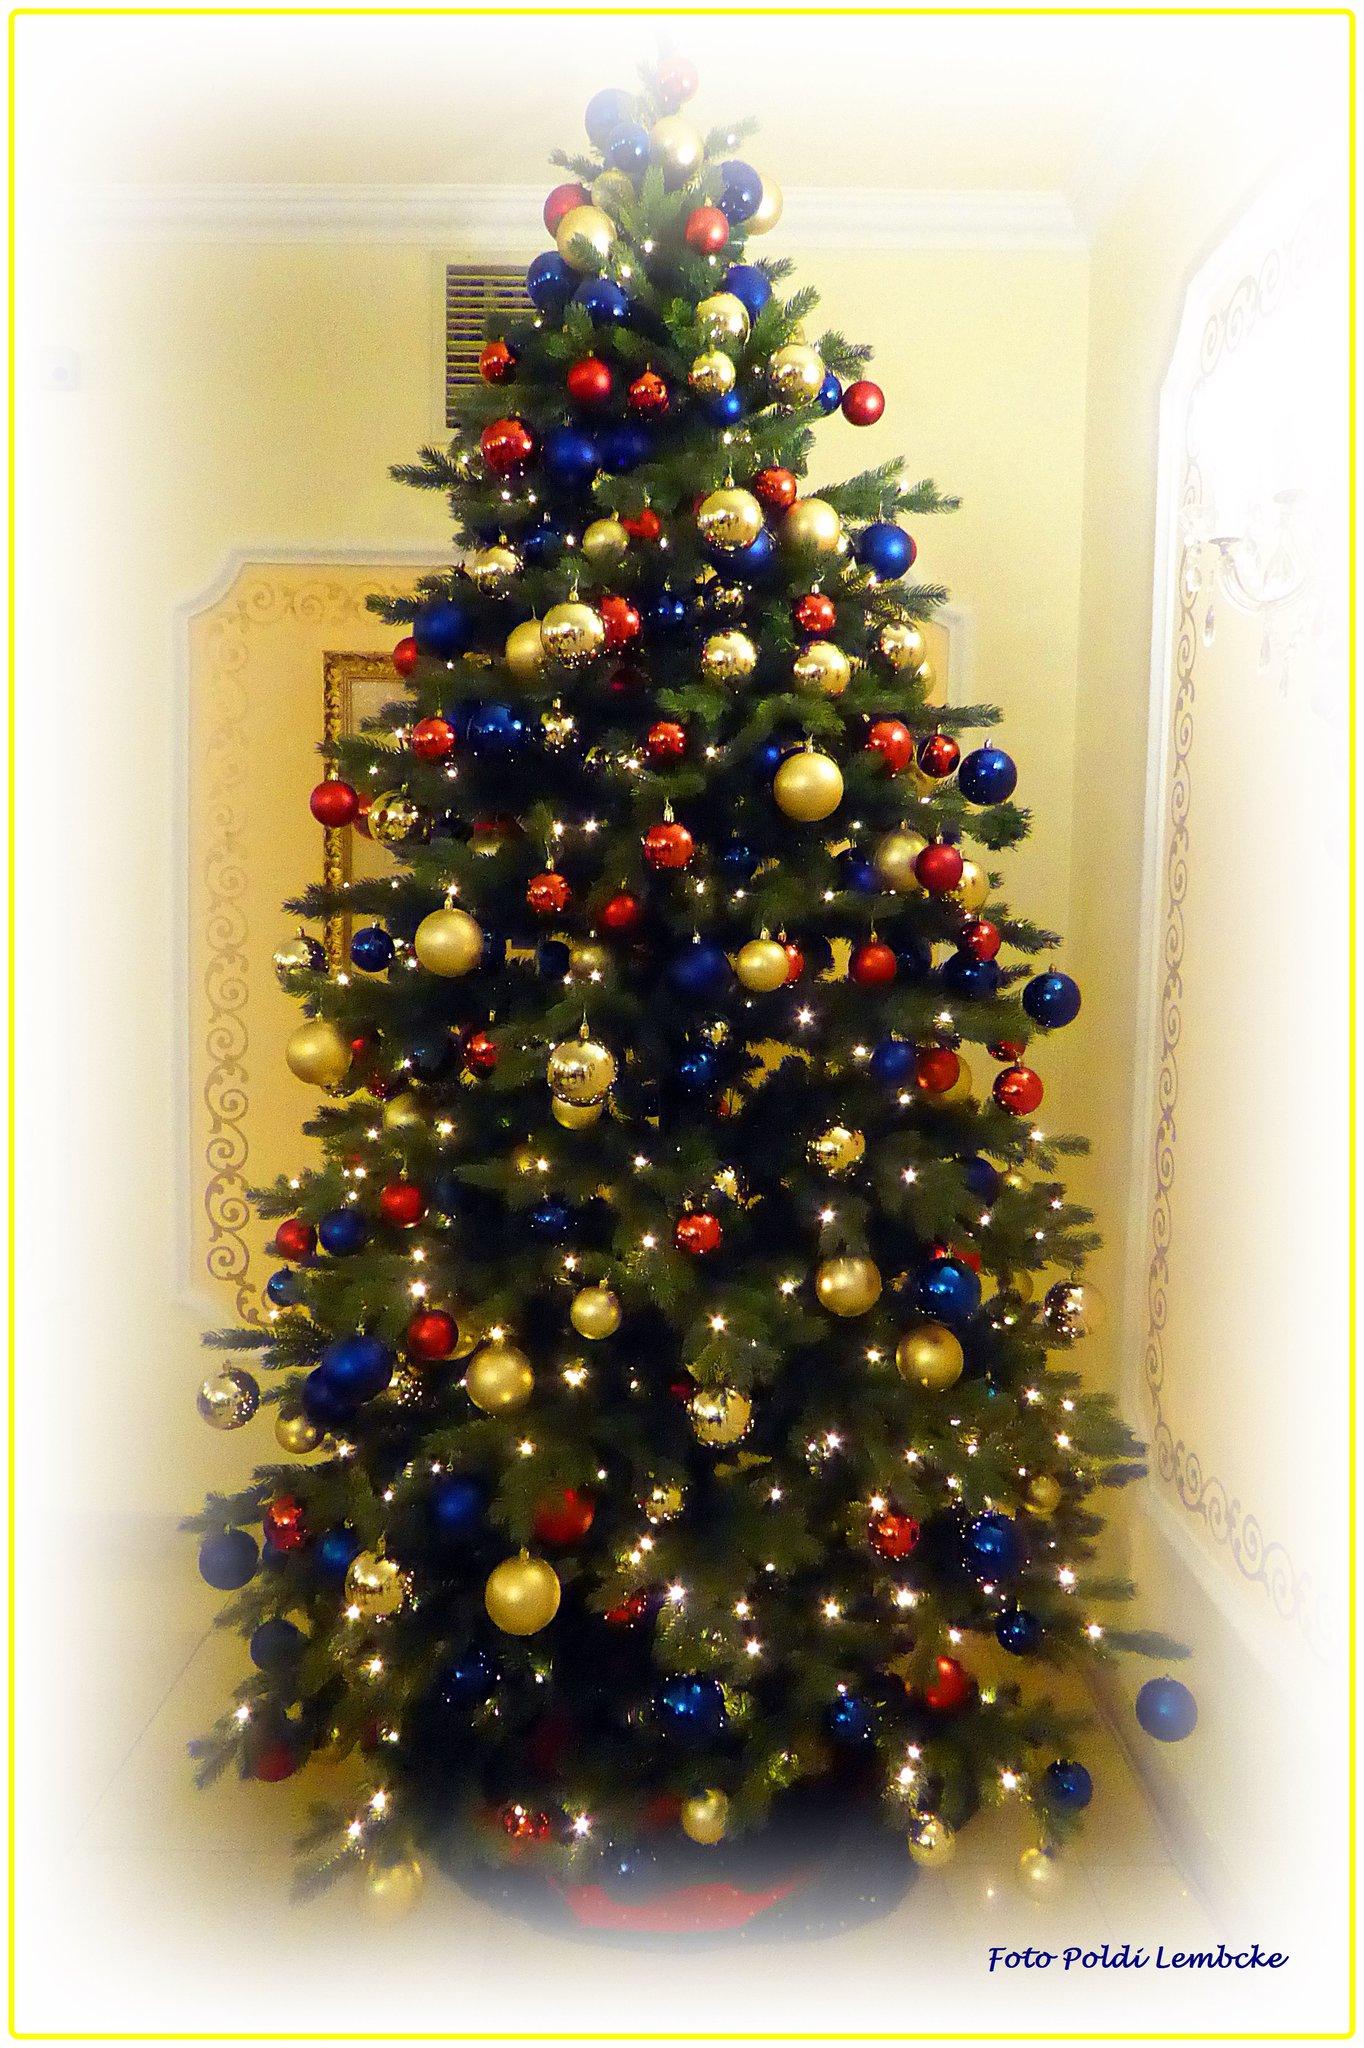 Frohe Weihnachten Euch Allen.Frohe Weihnachten Euch Allen